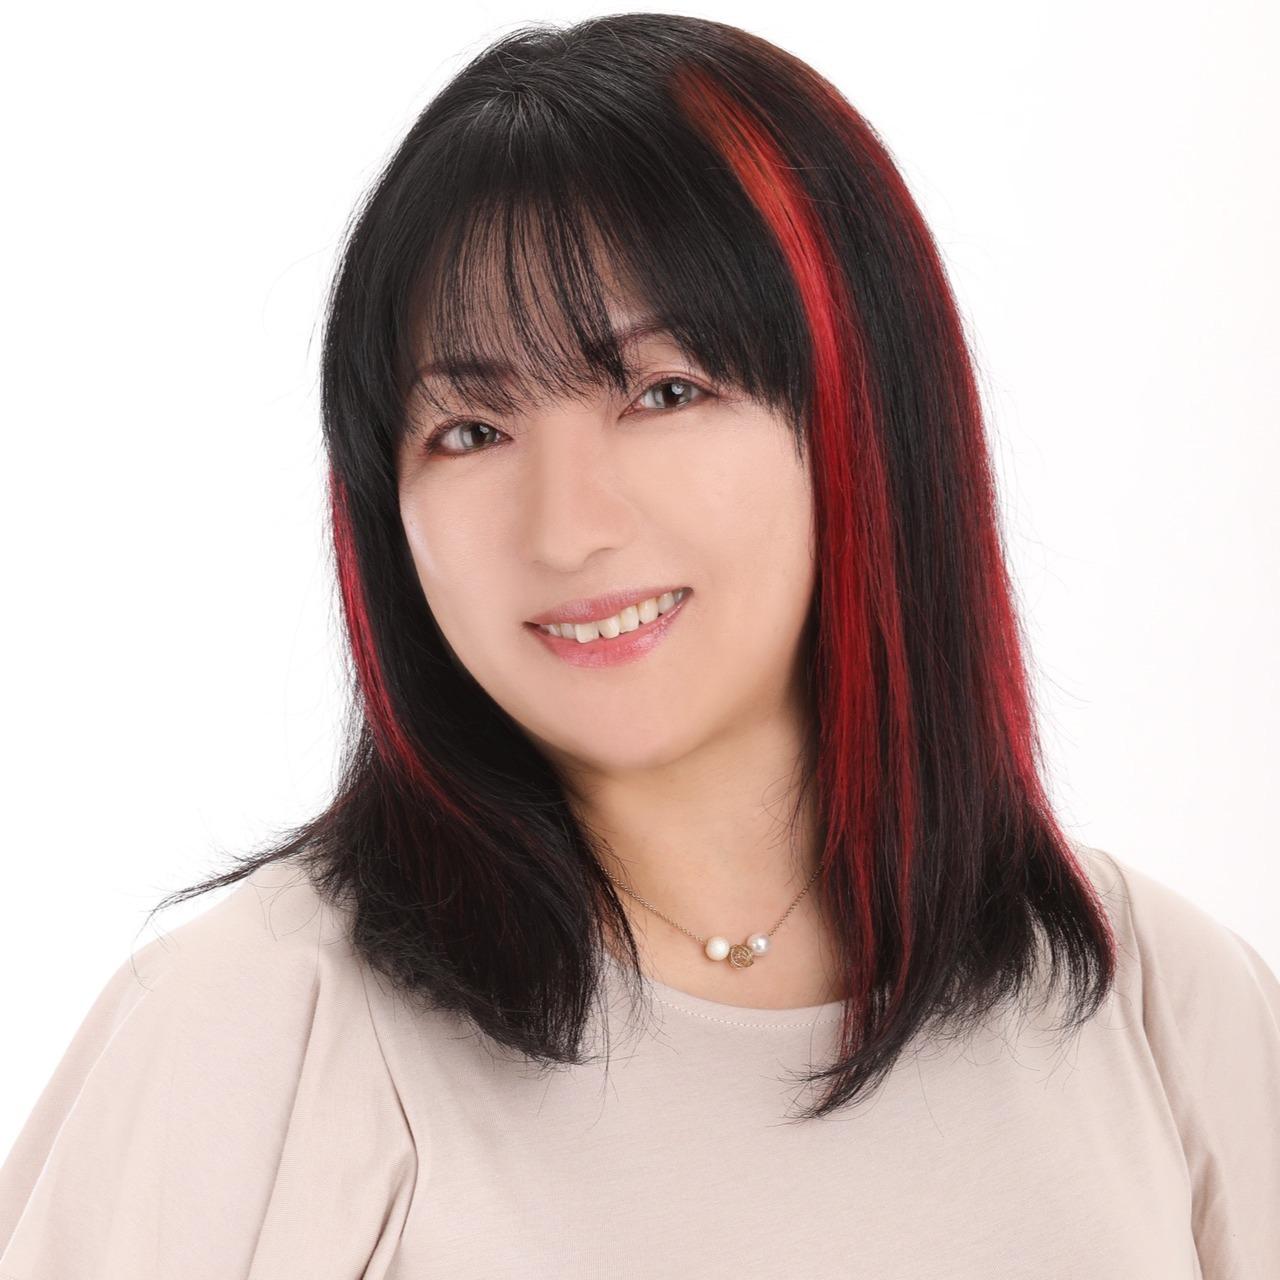 東京渋谷で当たる占い師をお探しなら婚活もできる占い館BCAFE(ビーカフェ)渋谷店の当たる占い師『Anela(アネラ)先生』がオススメです!